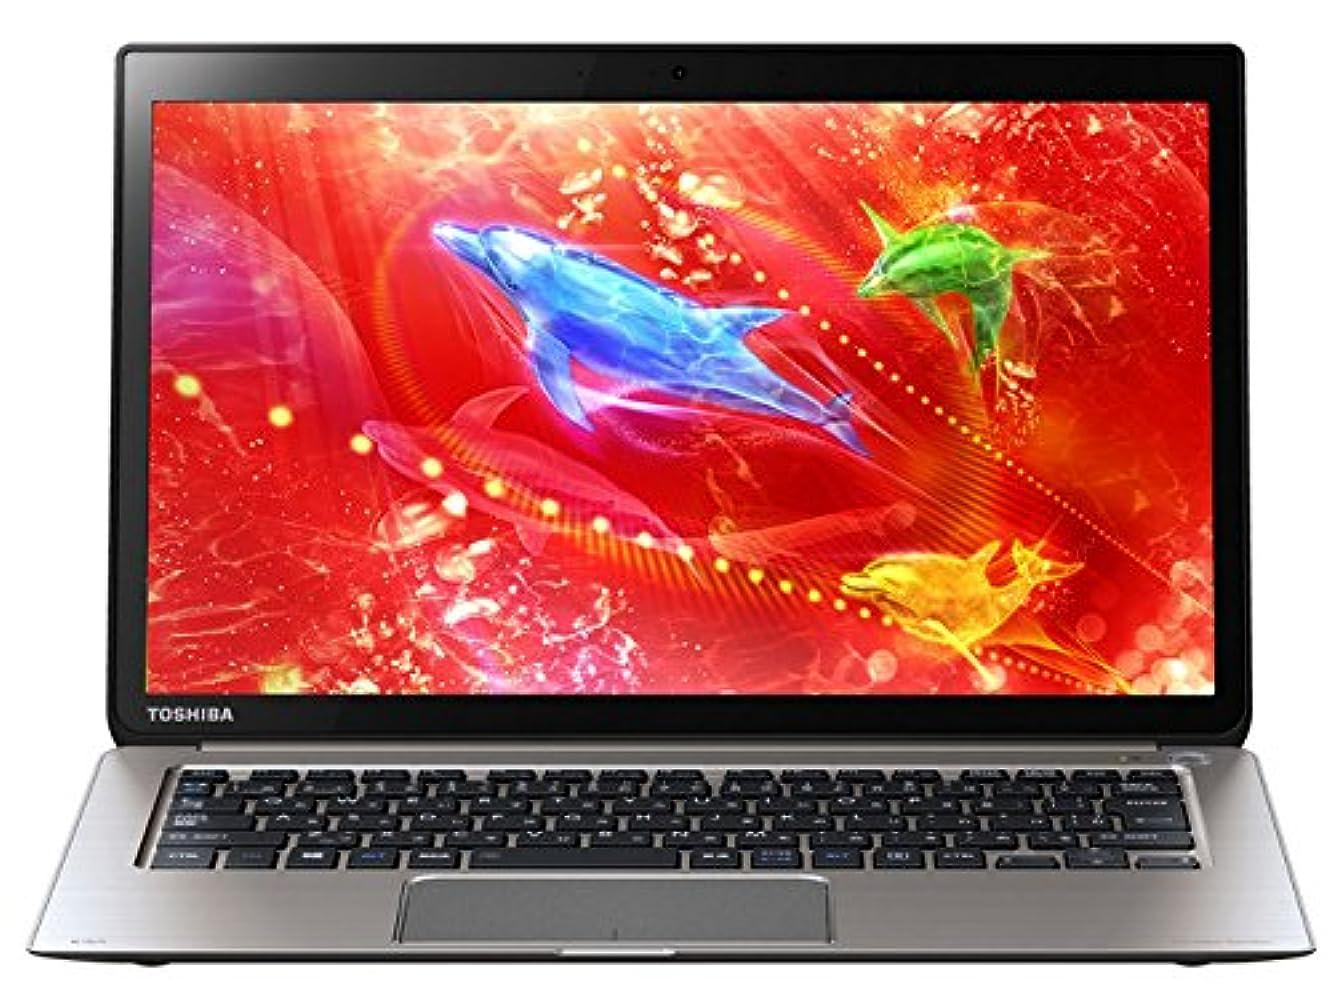 マダム敬礼精度東芝 dynabook KIRA VB73/RS 東芝Webオリジナルモデル (Windows 8.1/Officeなし/13.3型/4K出力/Adobe Photoshop Elements12/core i7/プレミアムシルバー) PVB73RS-KUA